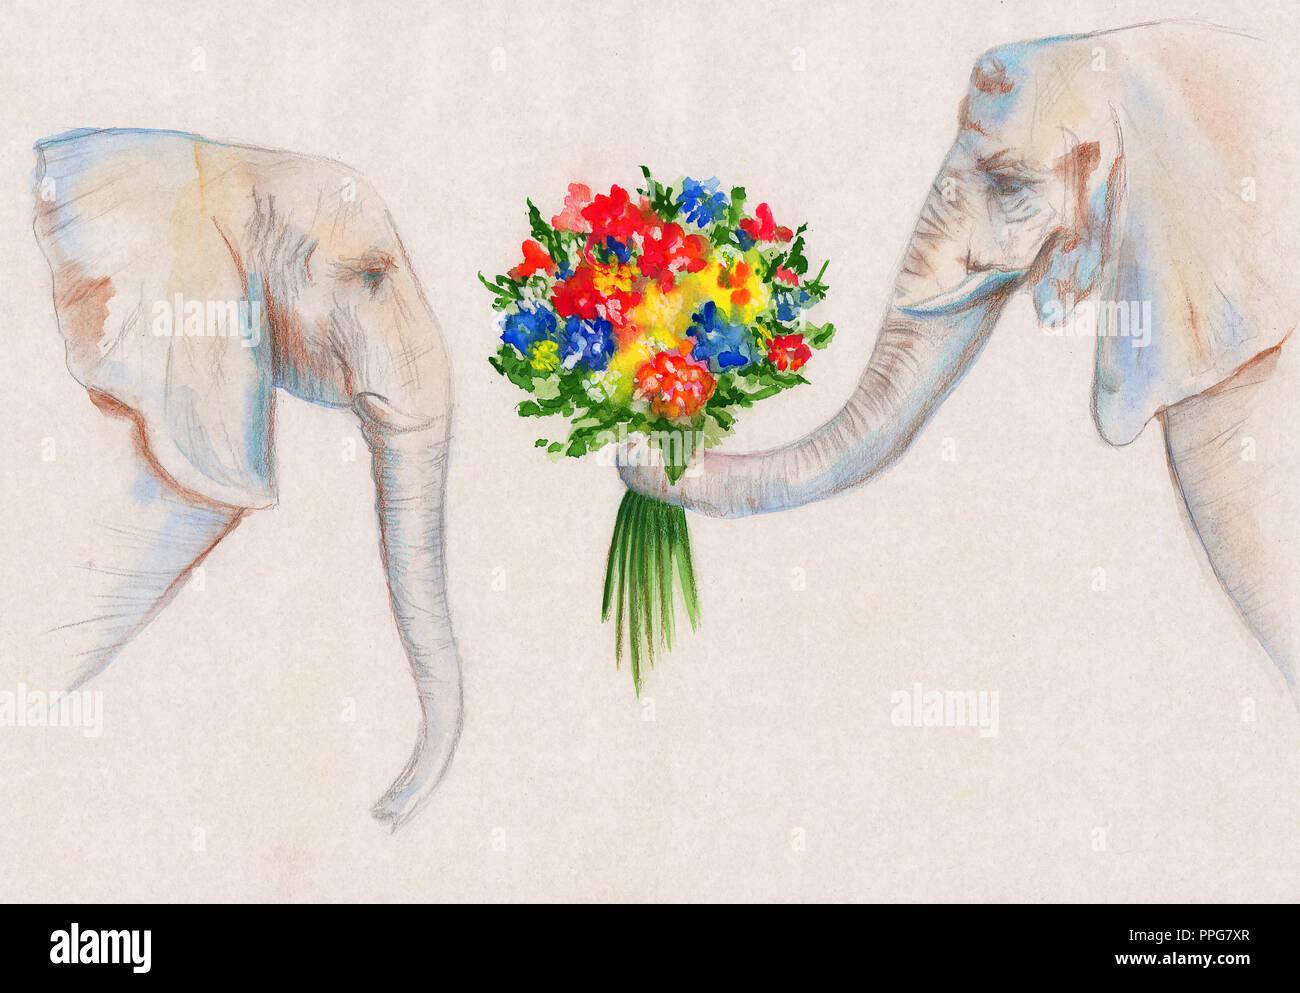 Illustrazione Del Disegno Colorato Matite Ad Acquarello Un Elefante